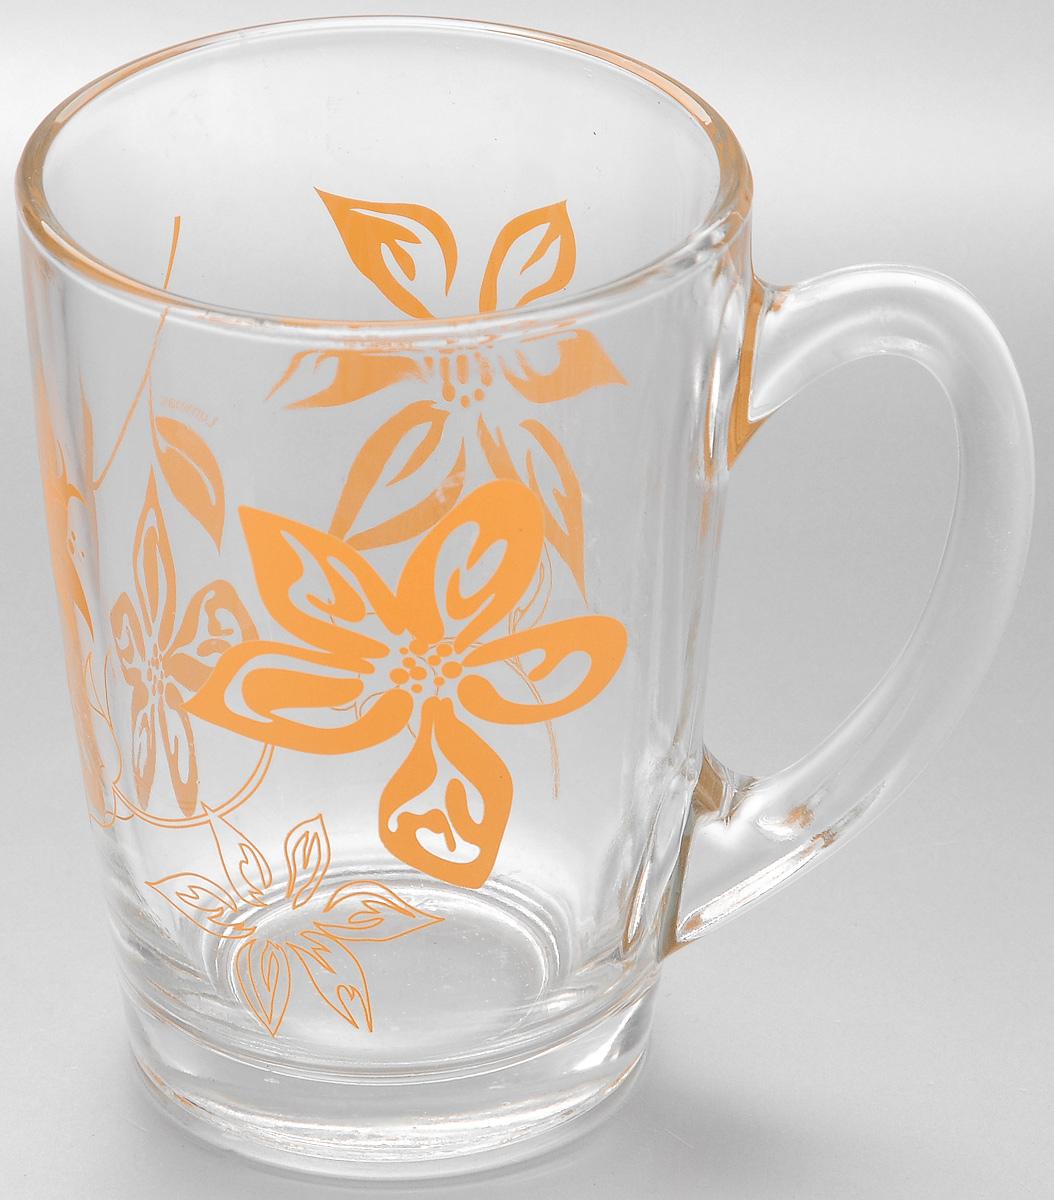 """Кружка Luminarc """"Lily Flower"""" изготовлена из упрочненного стекла. Такая кружка  прекрасно  подойдет для горячих и холодных напитков. Она дополнит коллекцию вашей  кухонной посуды и  будет служить долгие годы.  Диаметр кружки (по верхнему краю): 8 см."""